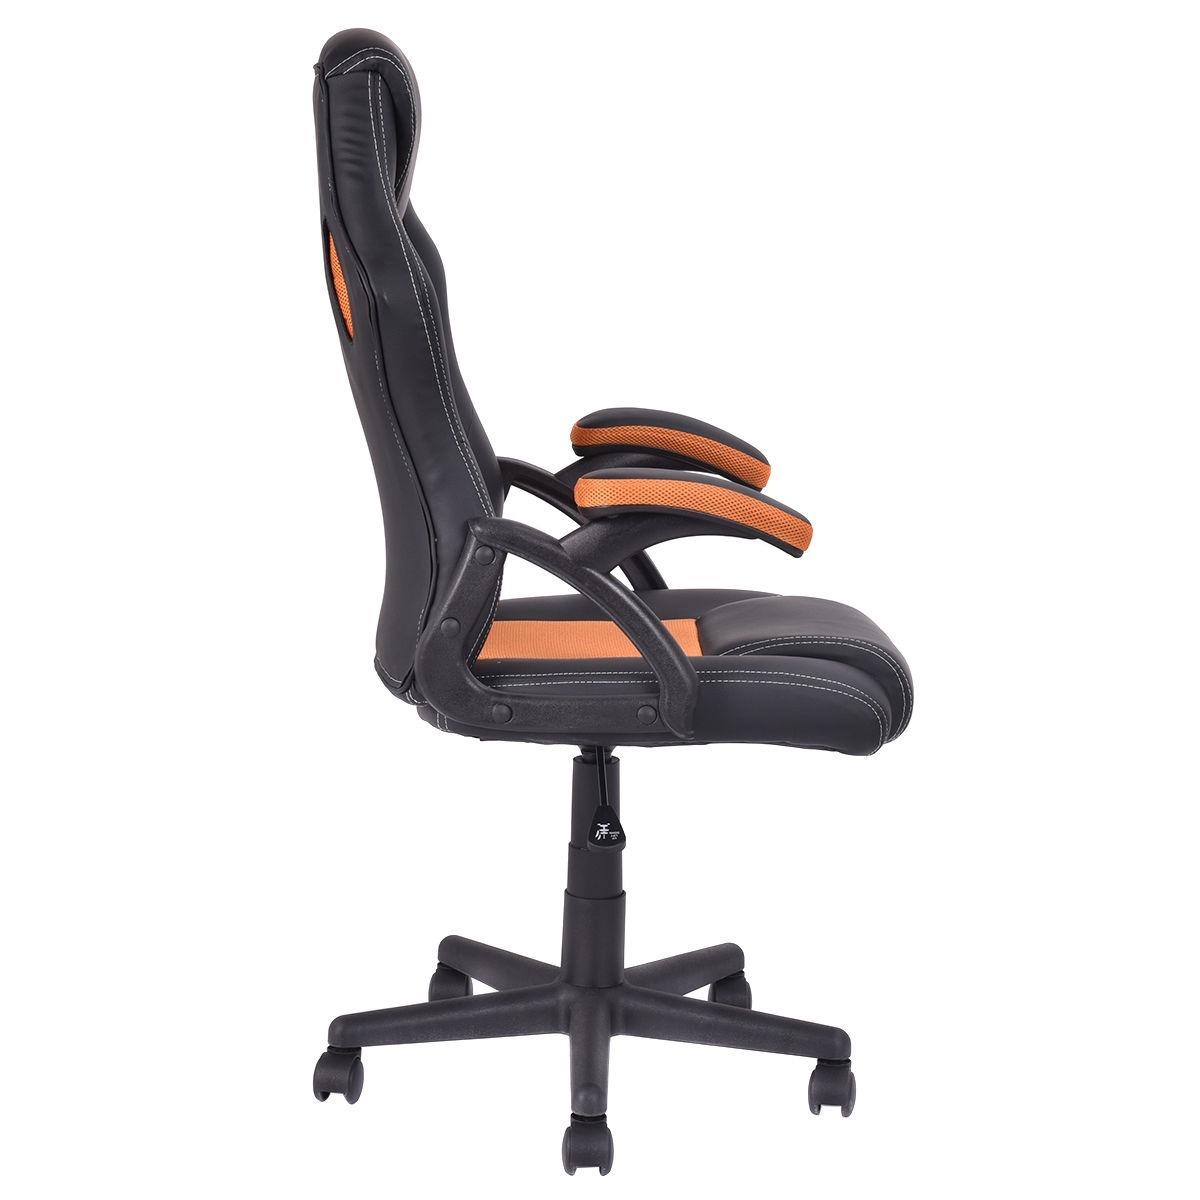 Silla de escritorio deportiva naranja asiento carro for Silla para ninos carro